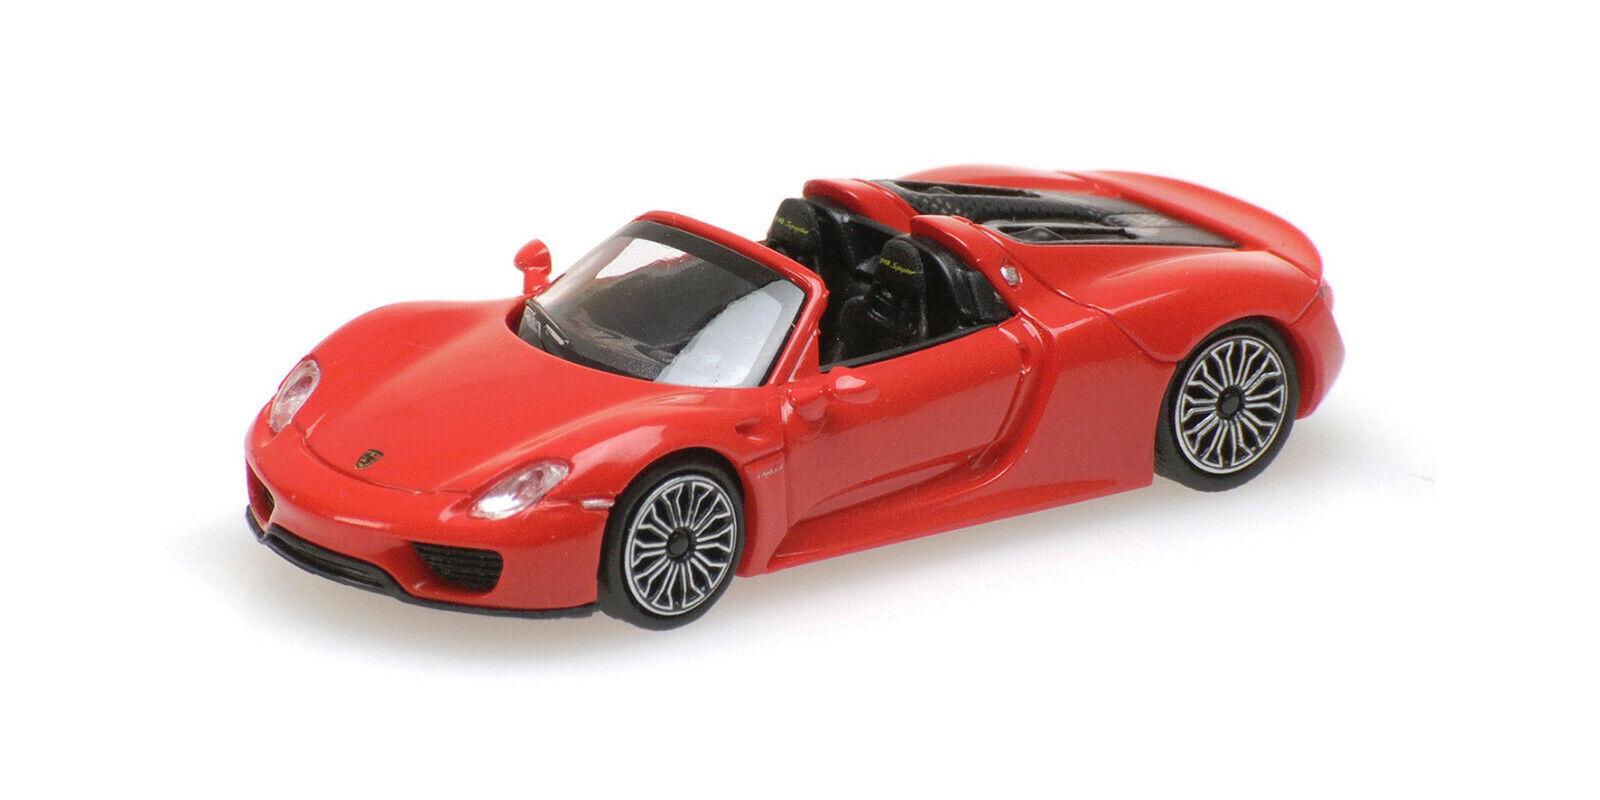 #870062132 Minichamps Porsche 918 Spyder 2013-1:87 Rot